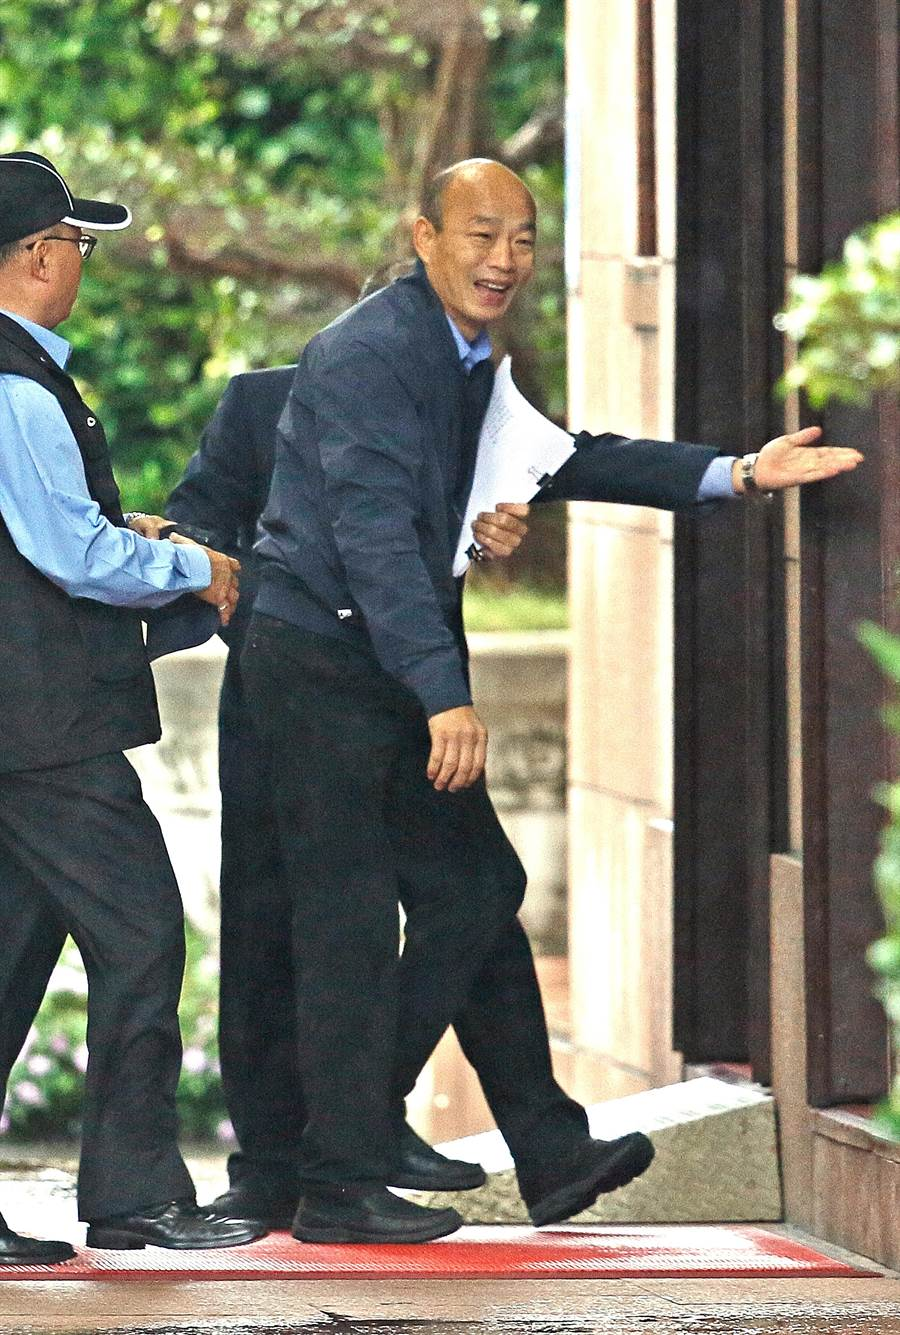 九合一大選後6都新任市長27日首次出席行政院院會,高雄市長韓國瑜下車步入行政院。(圖/張鎧乙攝)